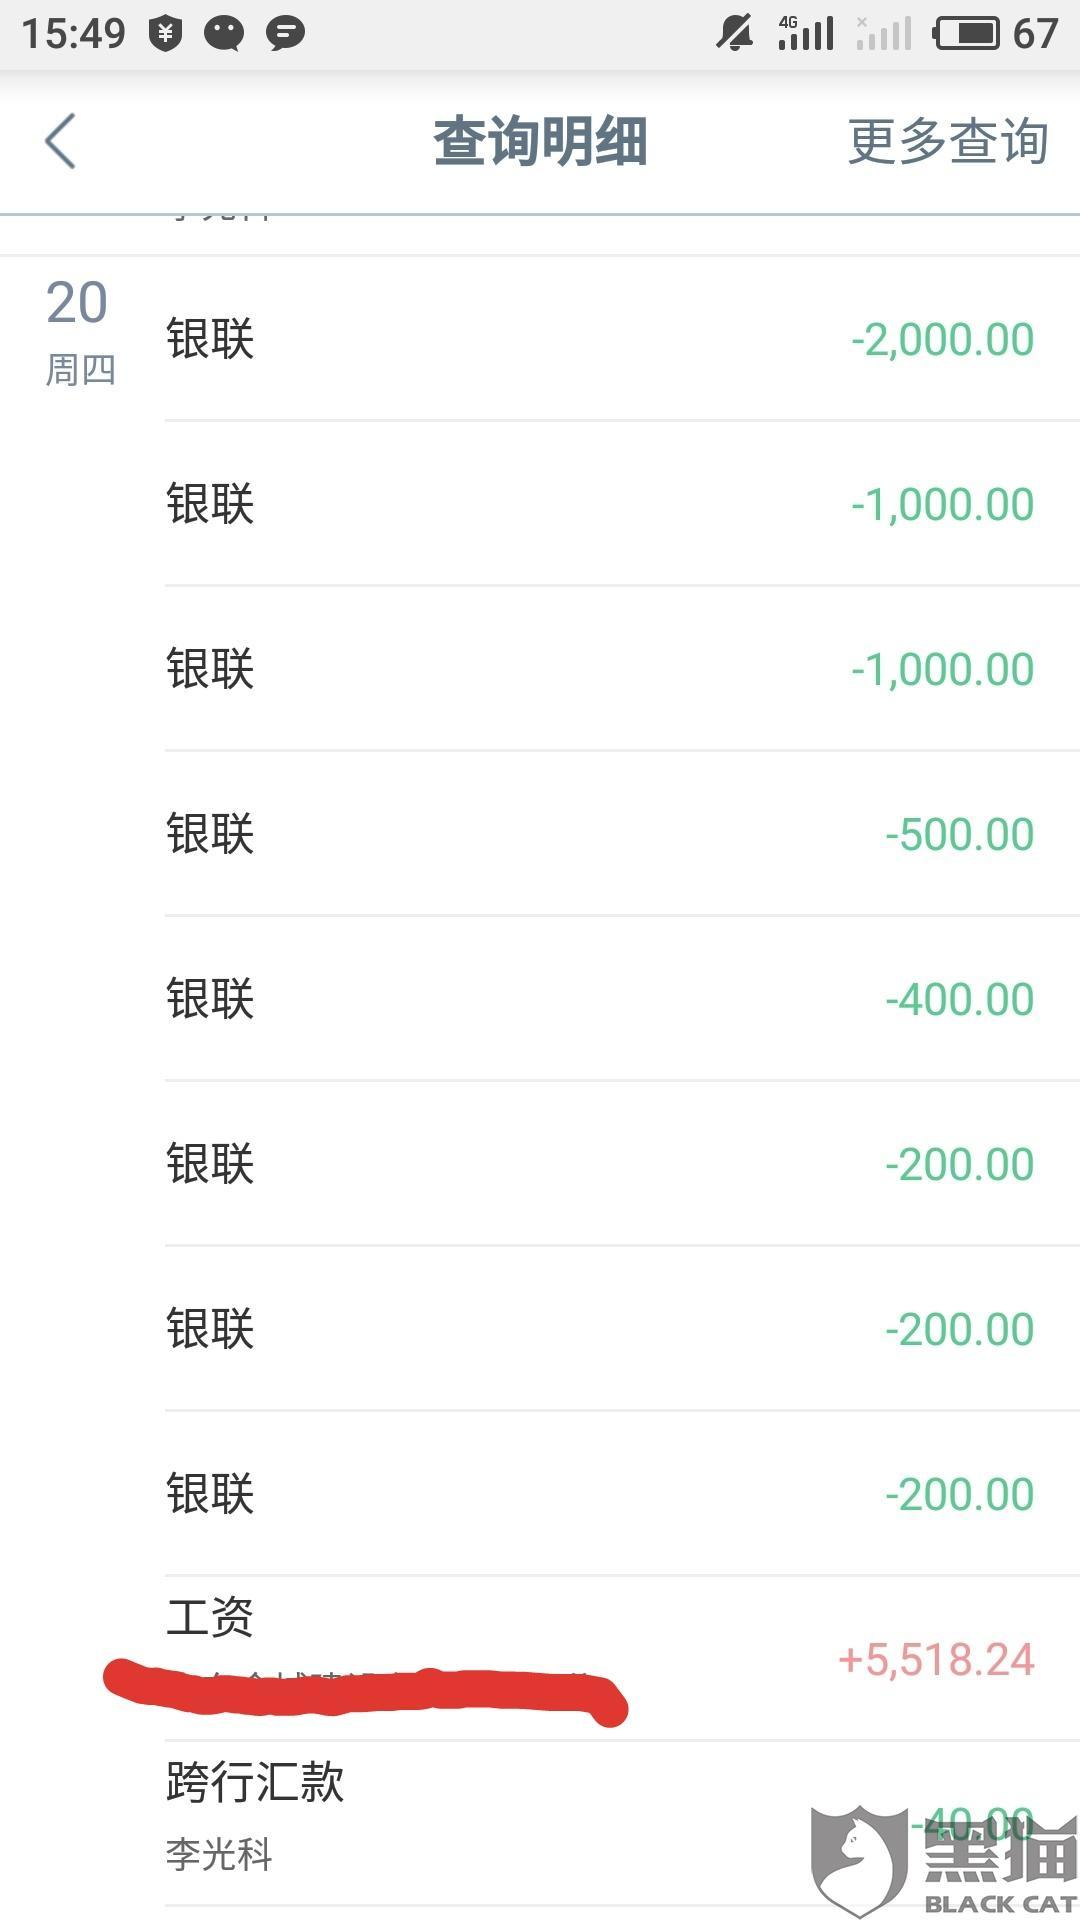 黑猫投诉:上海宝付支付通过银联渠道在本人不知名情况下为高利贷公司划扣本人5500元